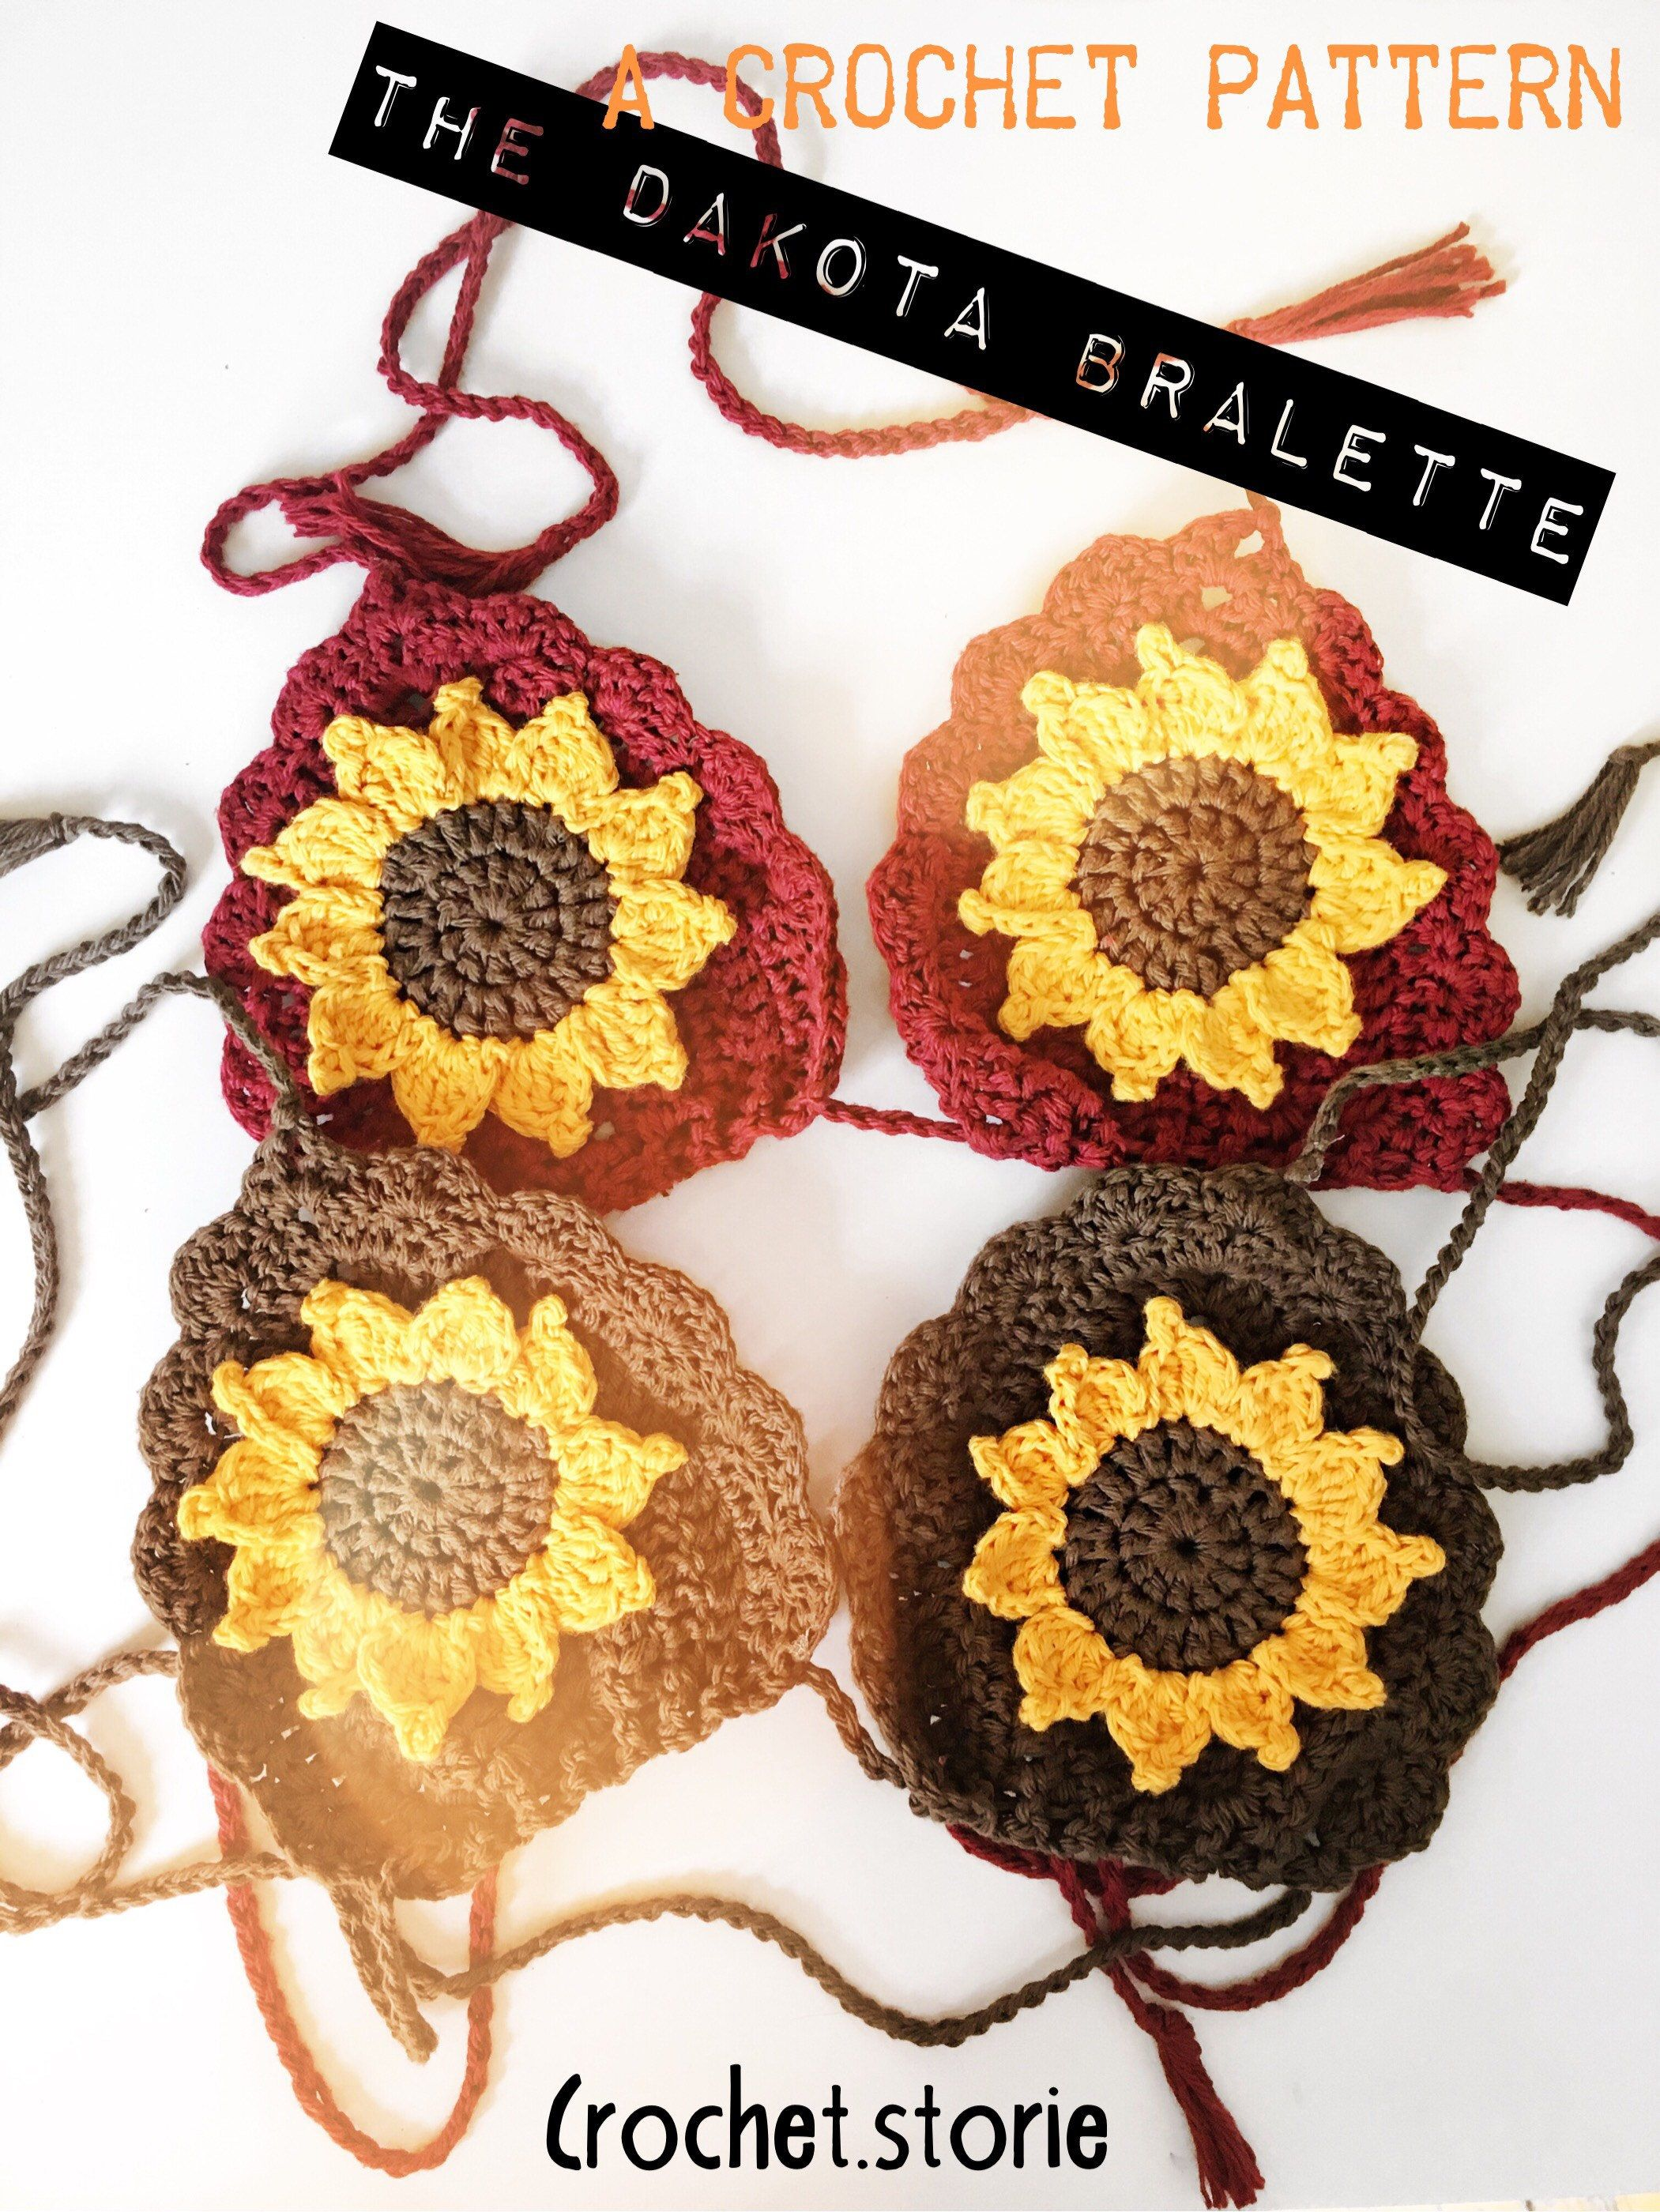 Crochet pattern the dakota bralette pattern 1 size crop top crochet pattern the dakota bralette pattern size crop top pattern easy pattern beginner crochet pattern pdf crochet pattern bankloansurffo Gallery